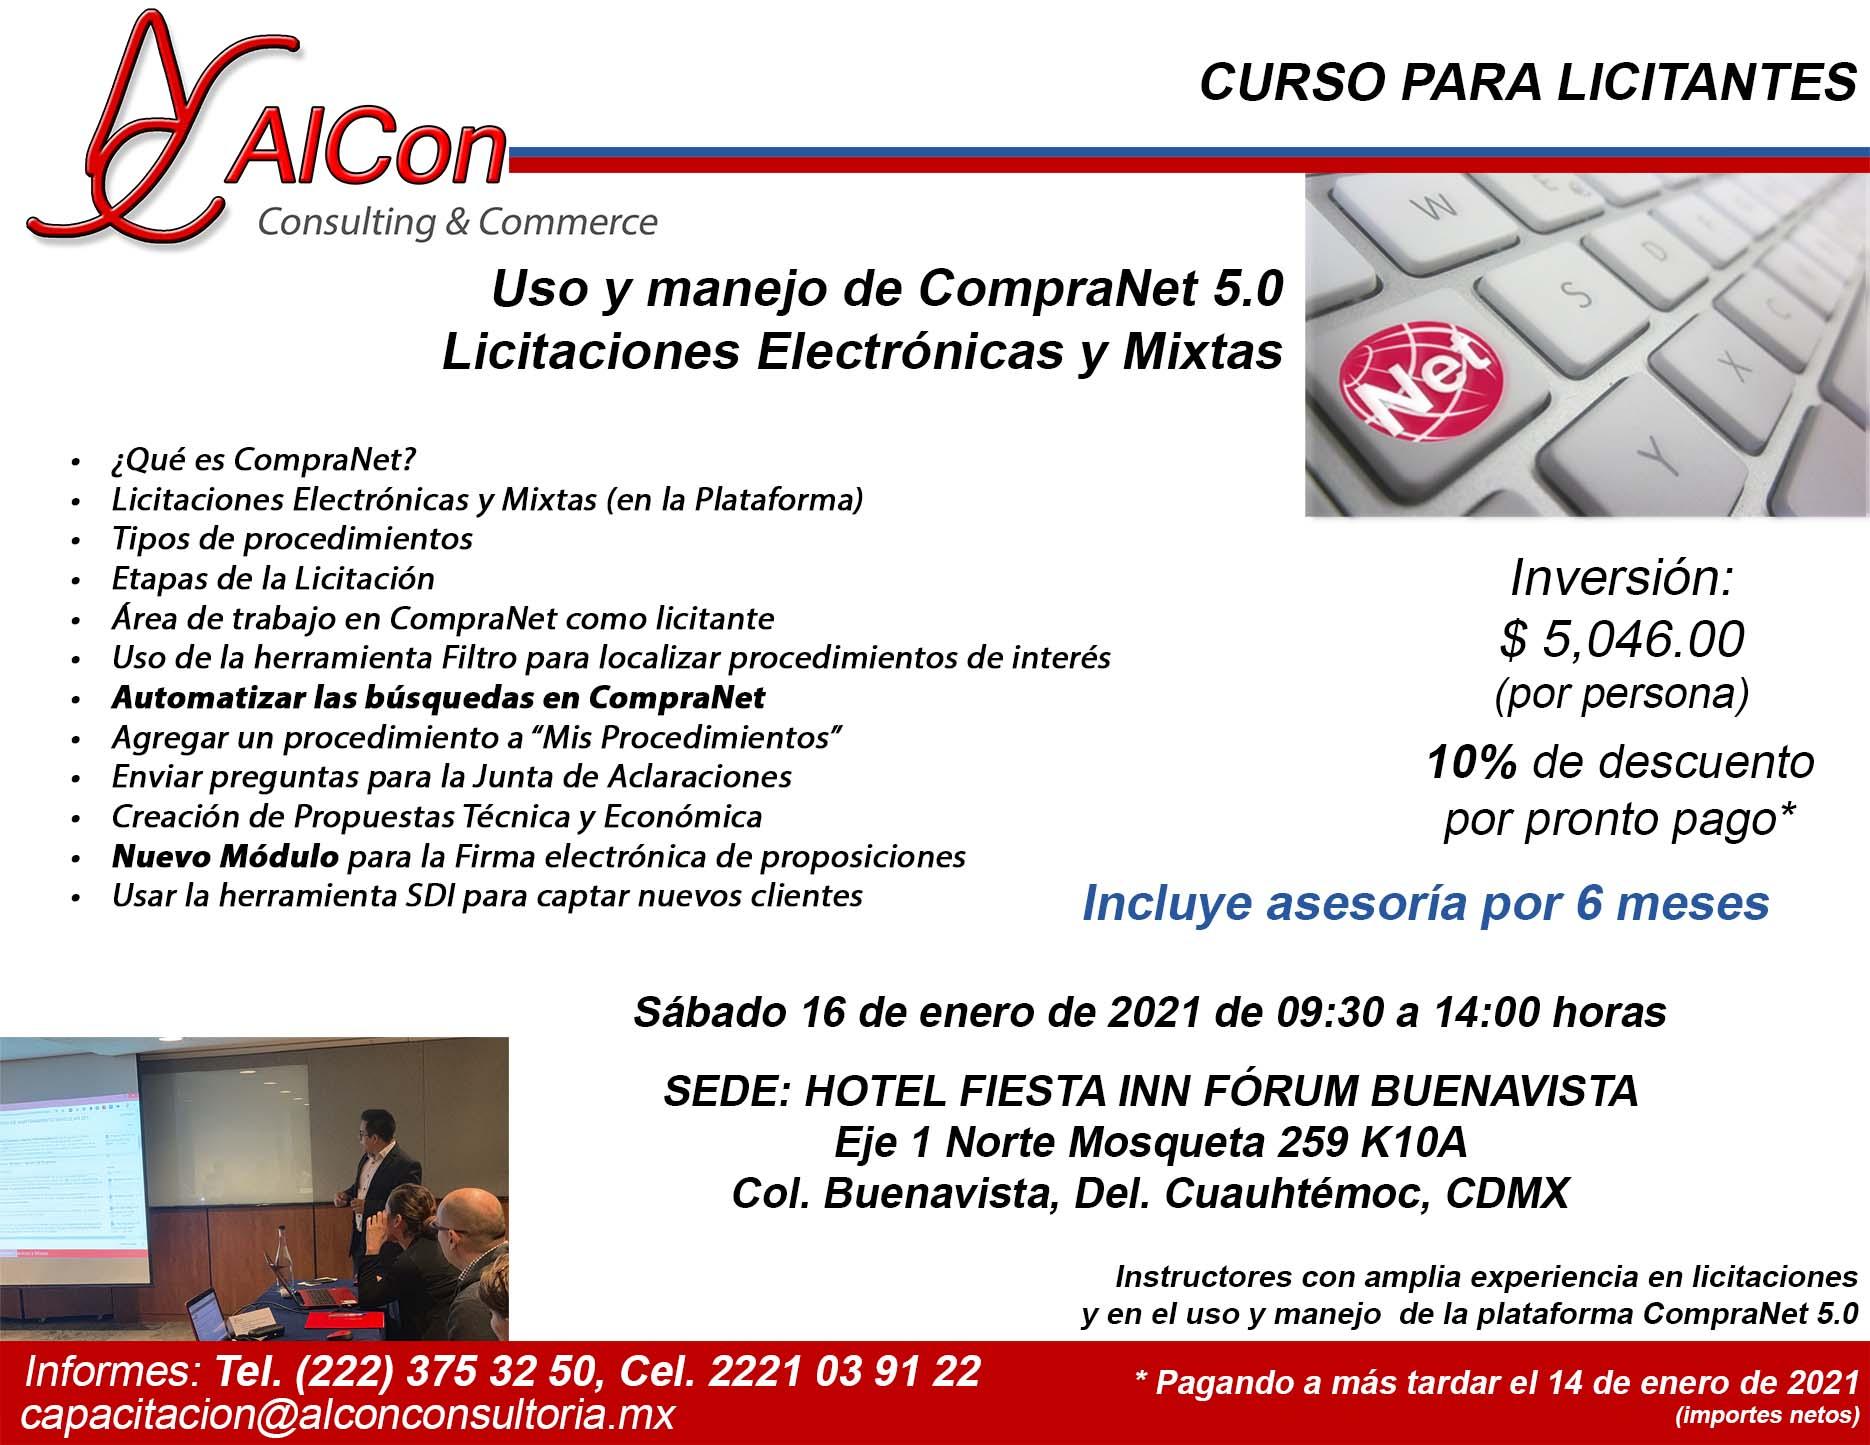 Curso de CompraNet 5.0, Ciudad de México, AlCon Consultoría y Cómputo, AlCon Consulting And Commerce, Arcadio Alonso Sánchez